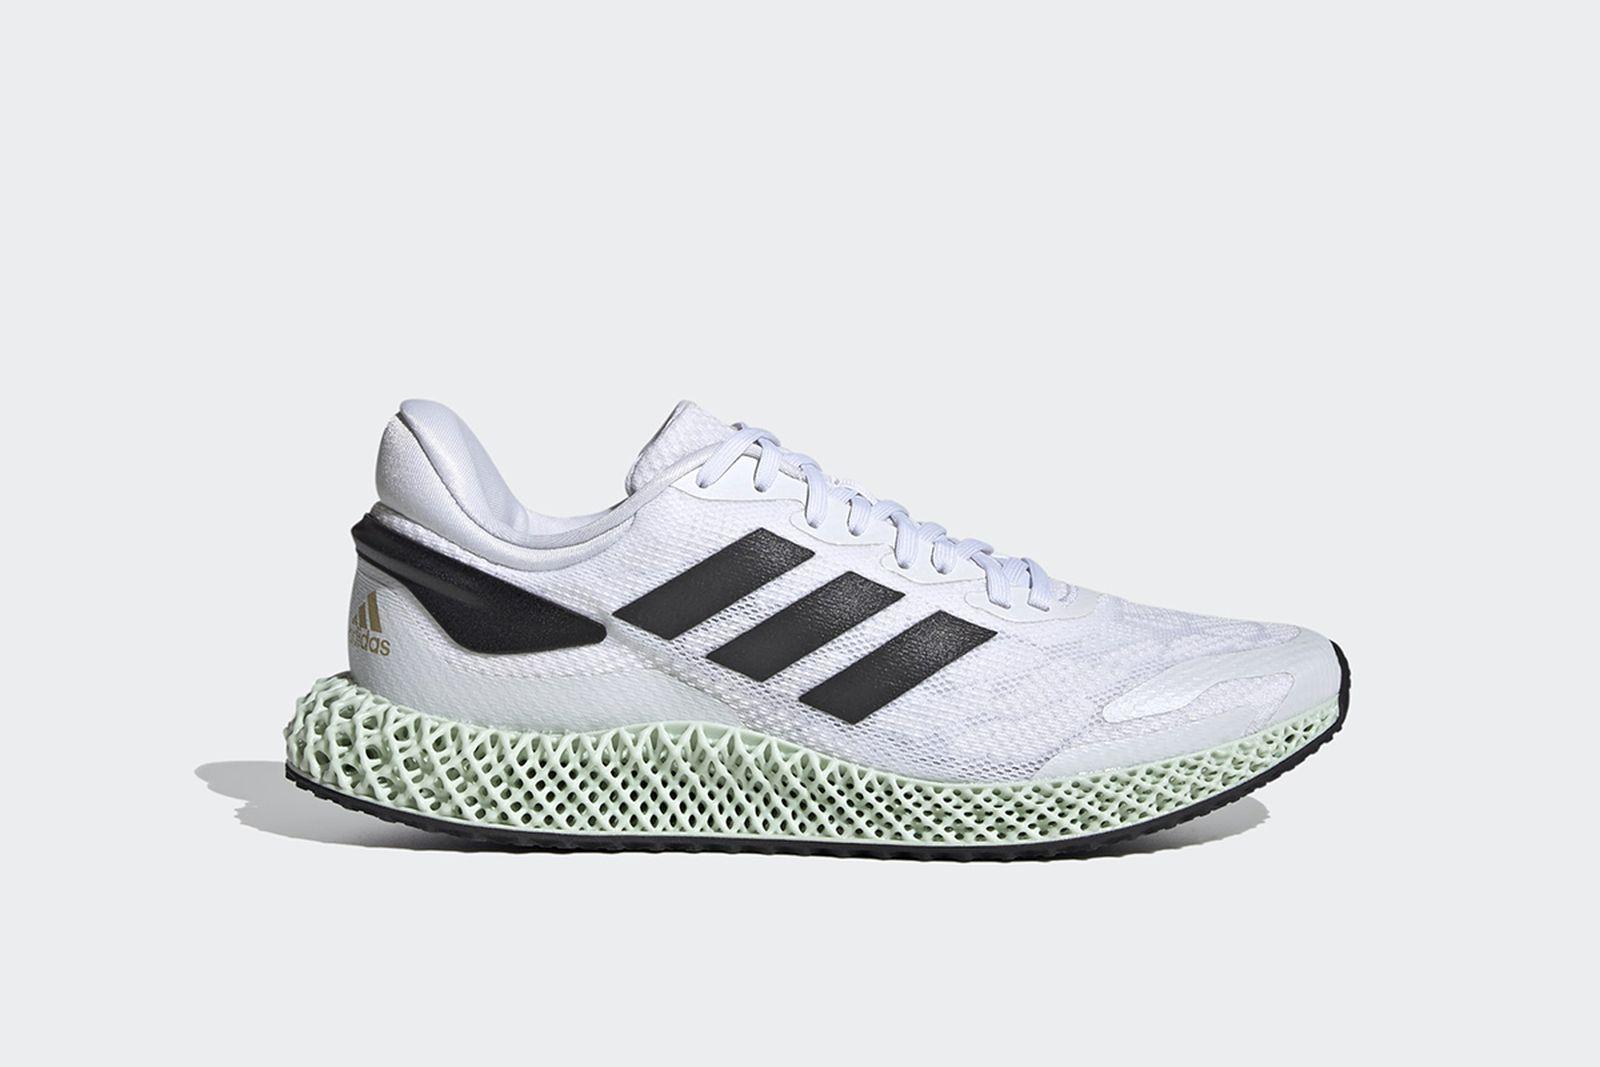 adidas_4D_Run_1.0_Shoes_White_EG6264_01_standard